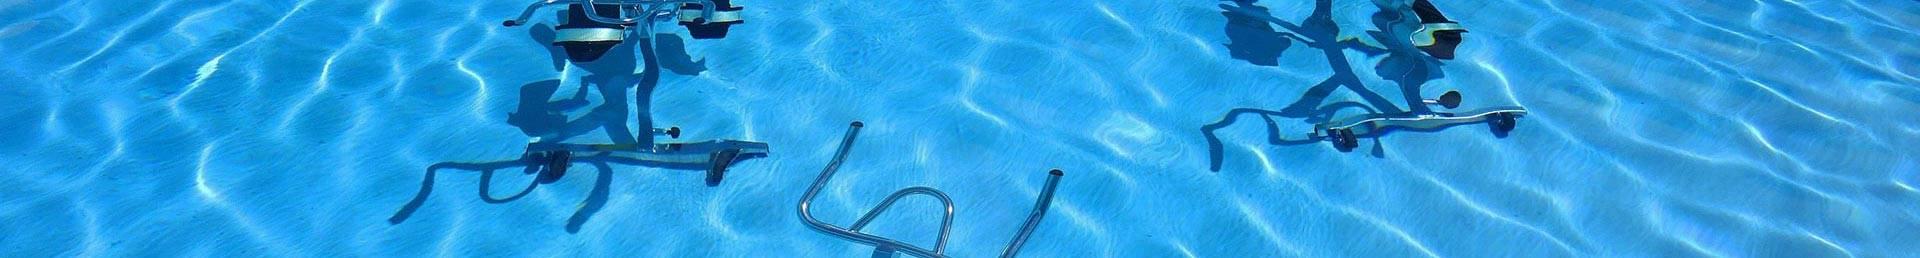 Aquabike / Aquagym